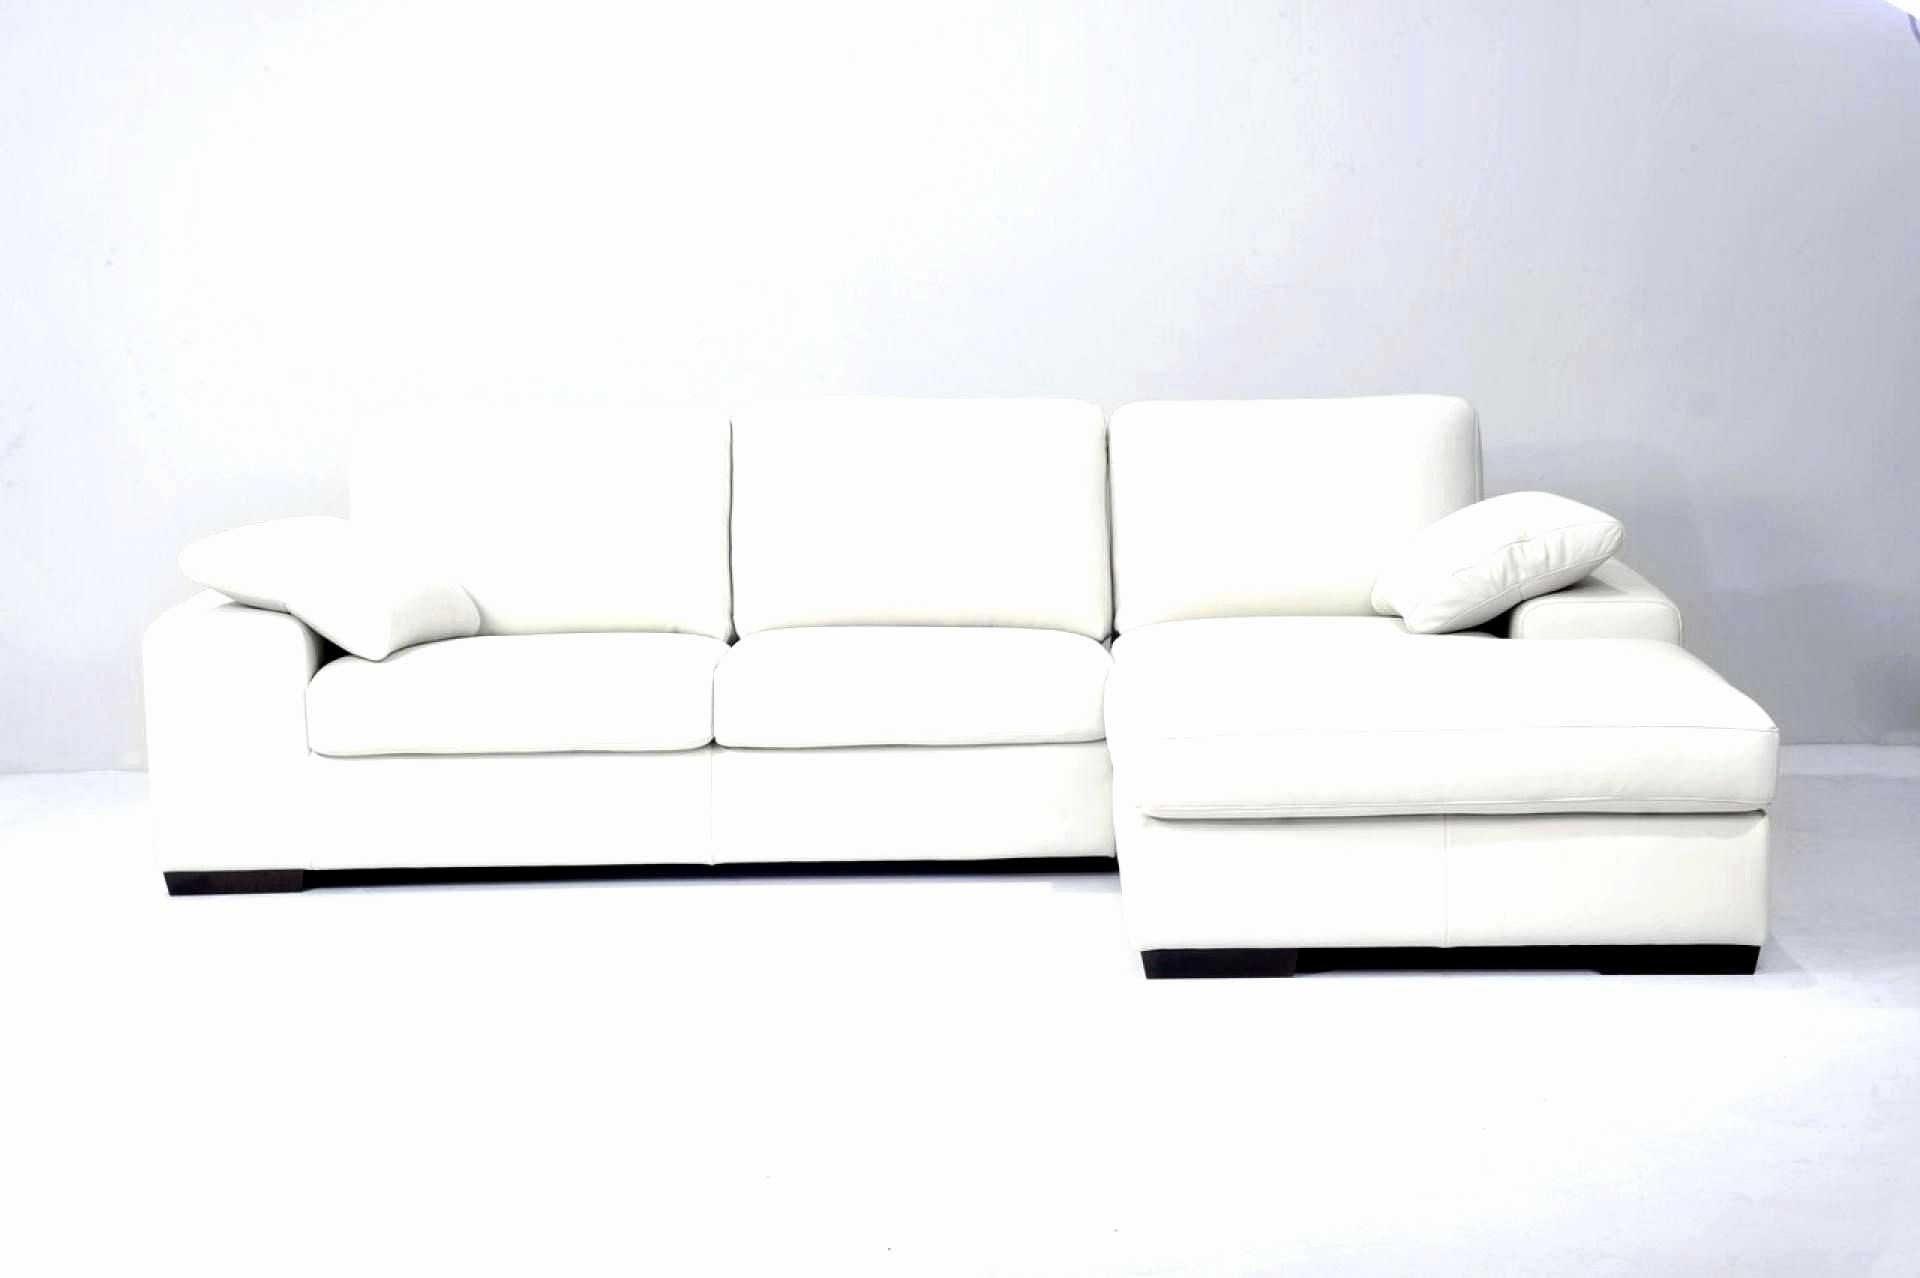 Lit Superposé 80x190 Élégant Lit Mezzanine Avec Clic Clac Ikea